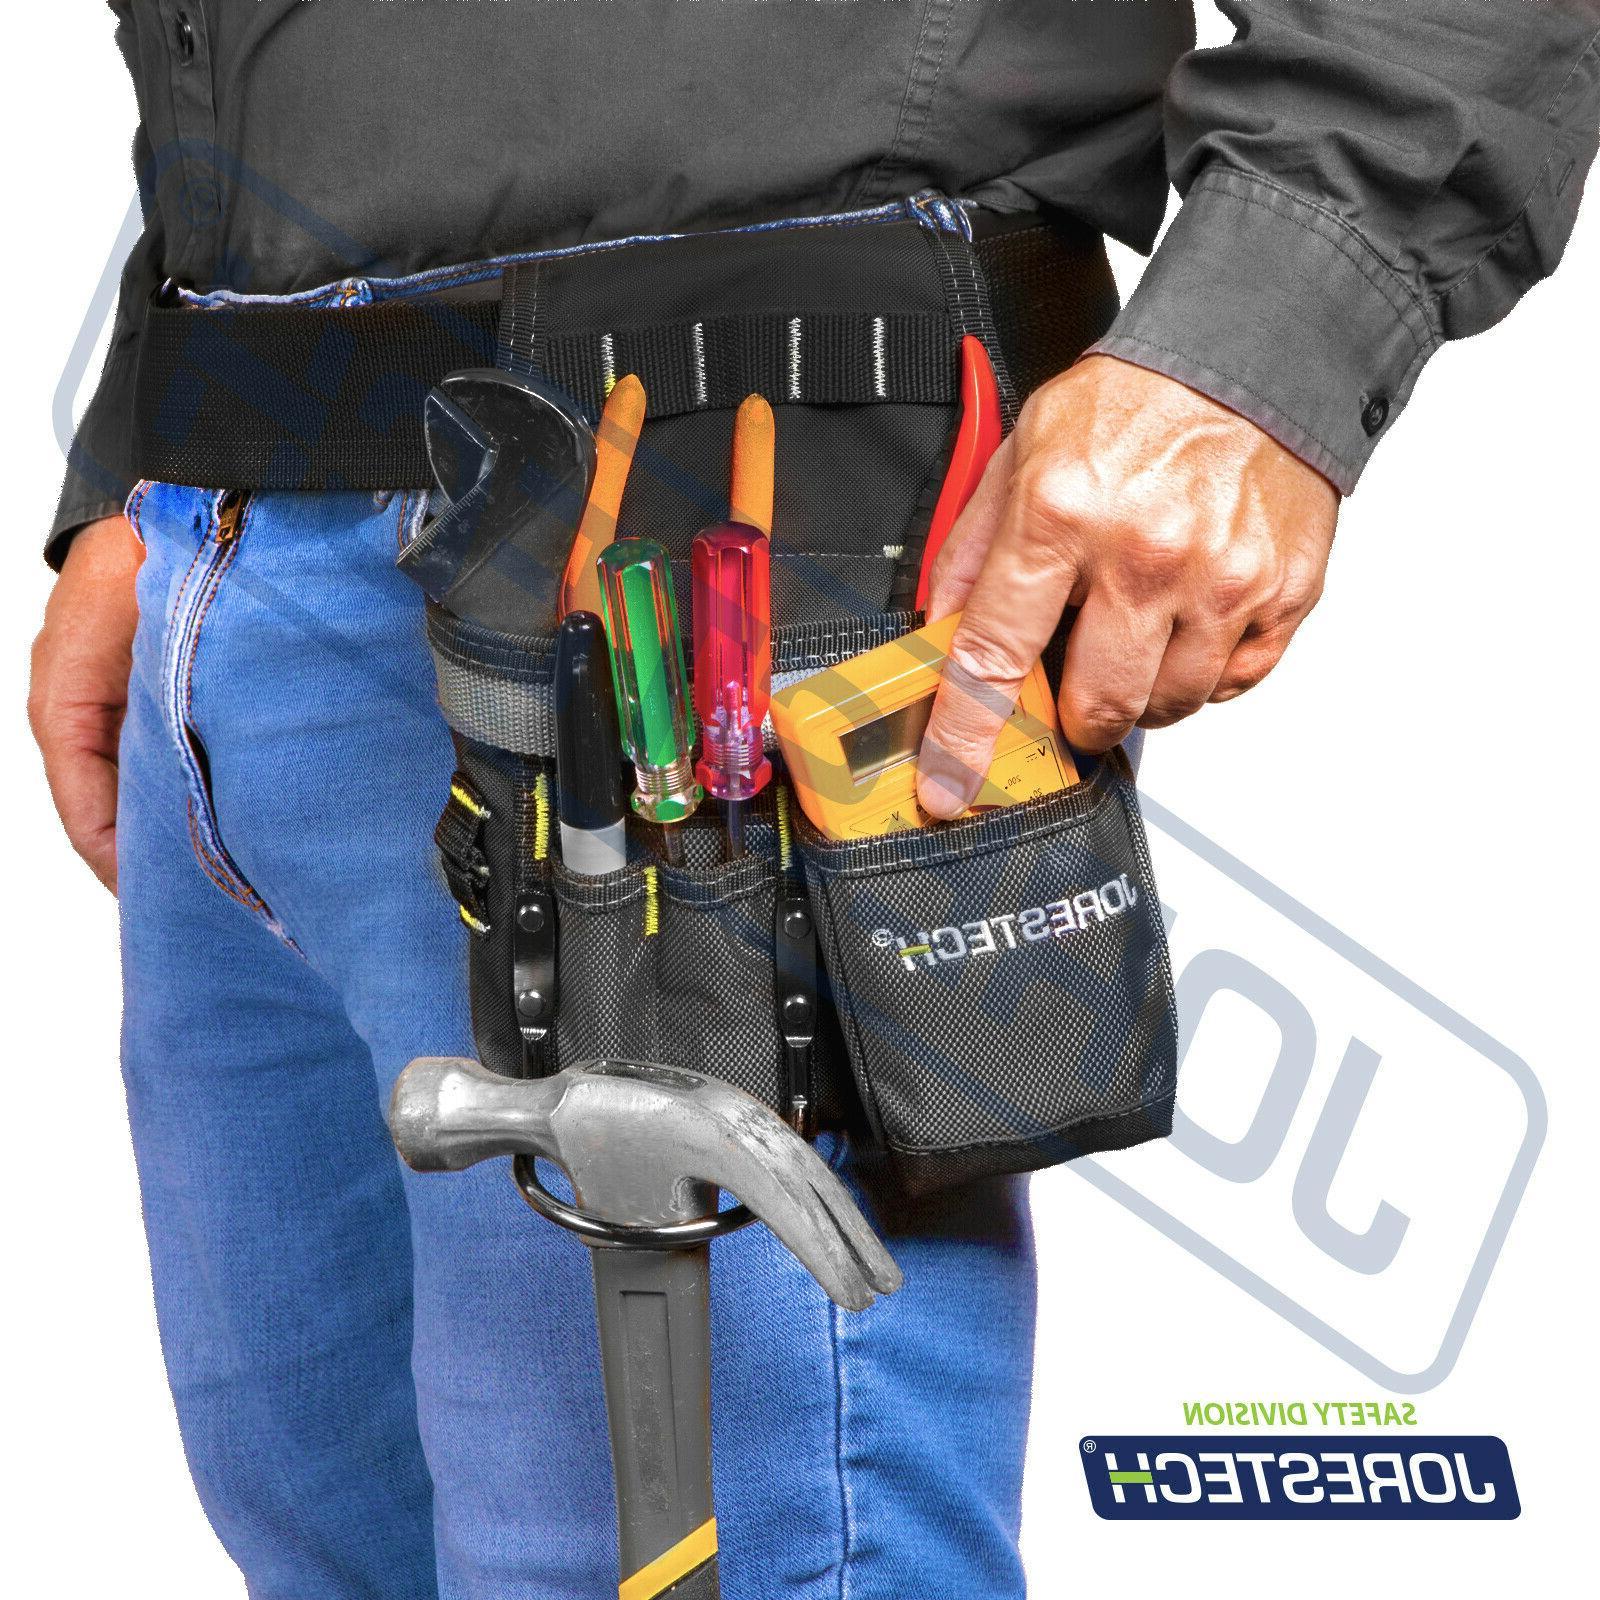 Electrician 5 Pocket Holder Maintenance JORESTECH